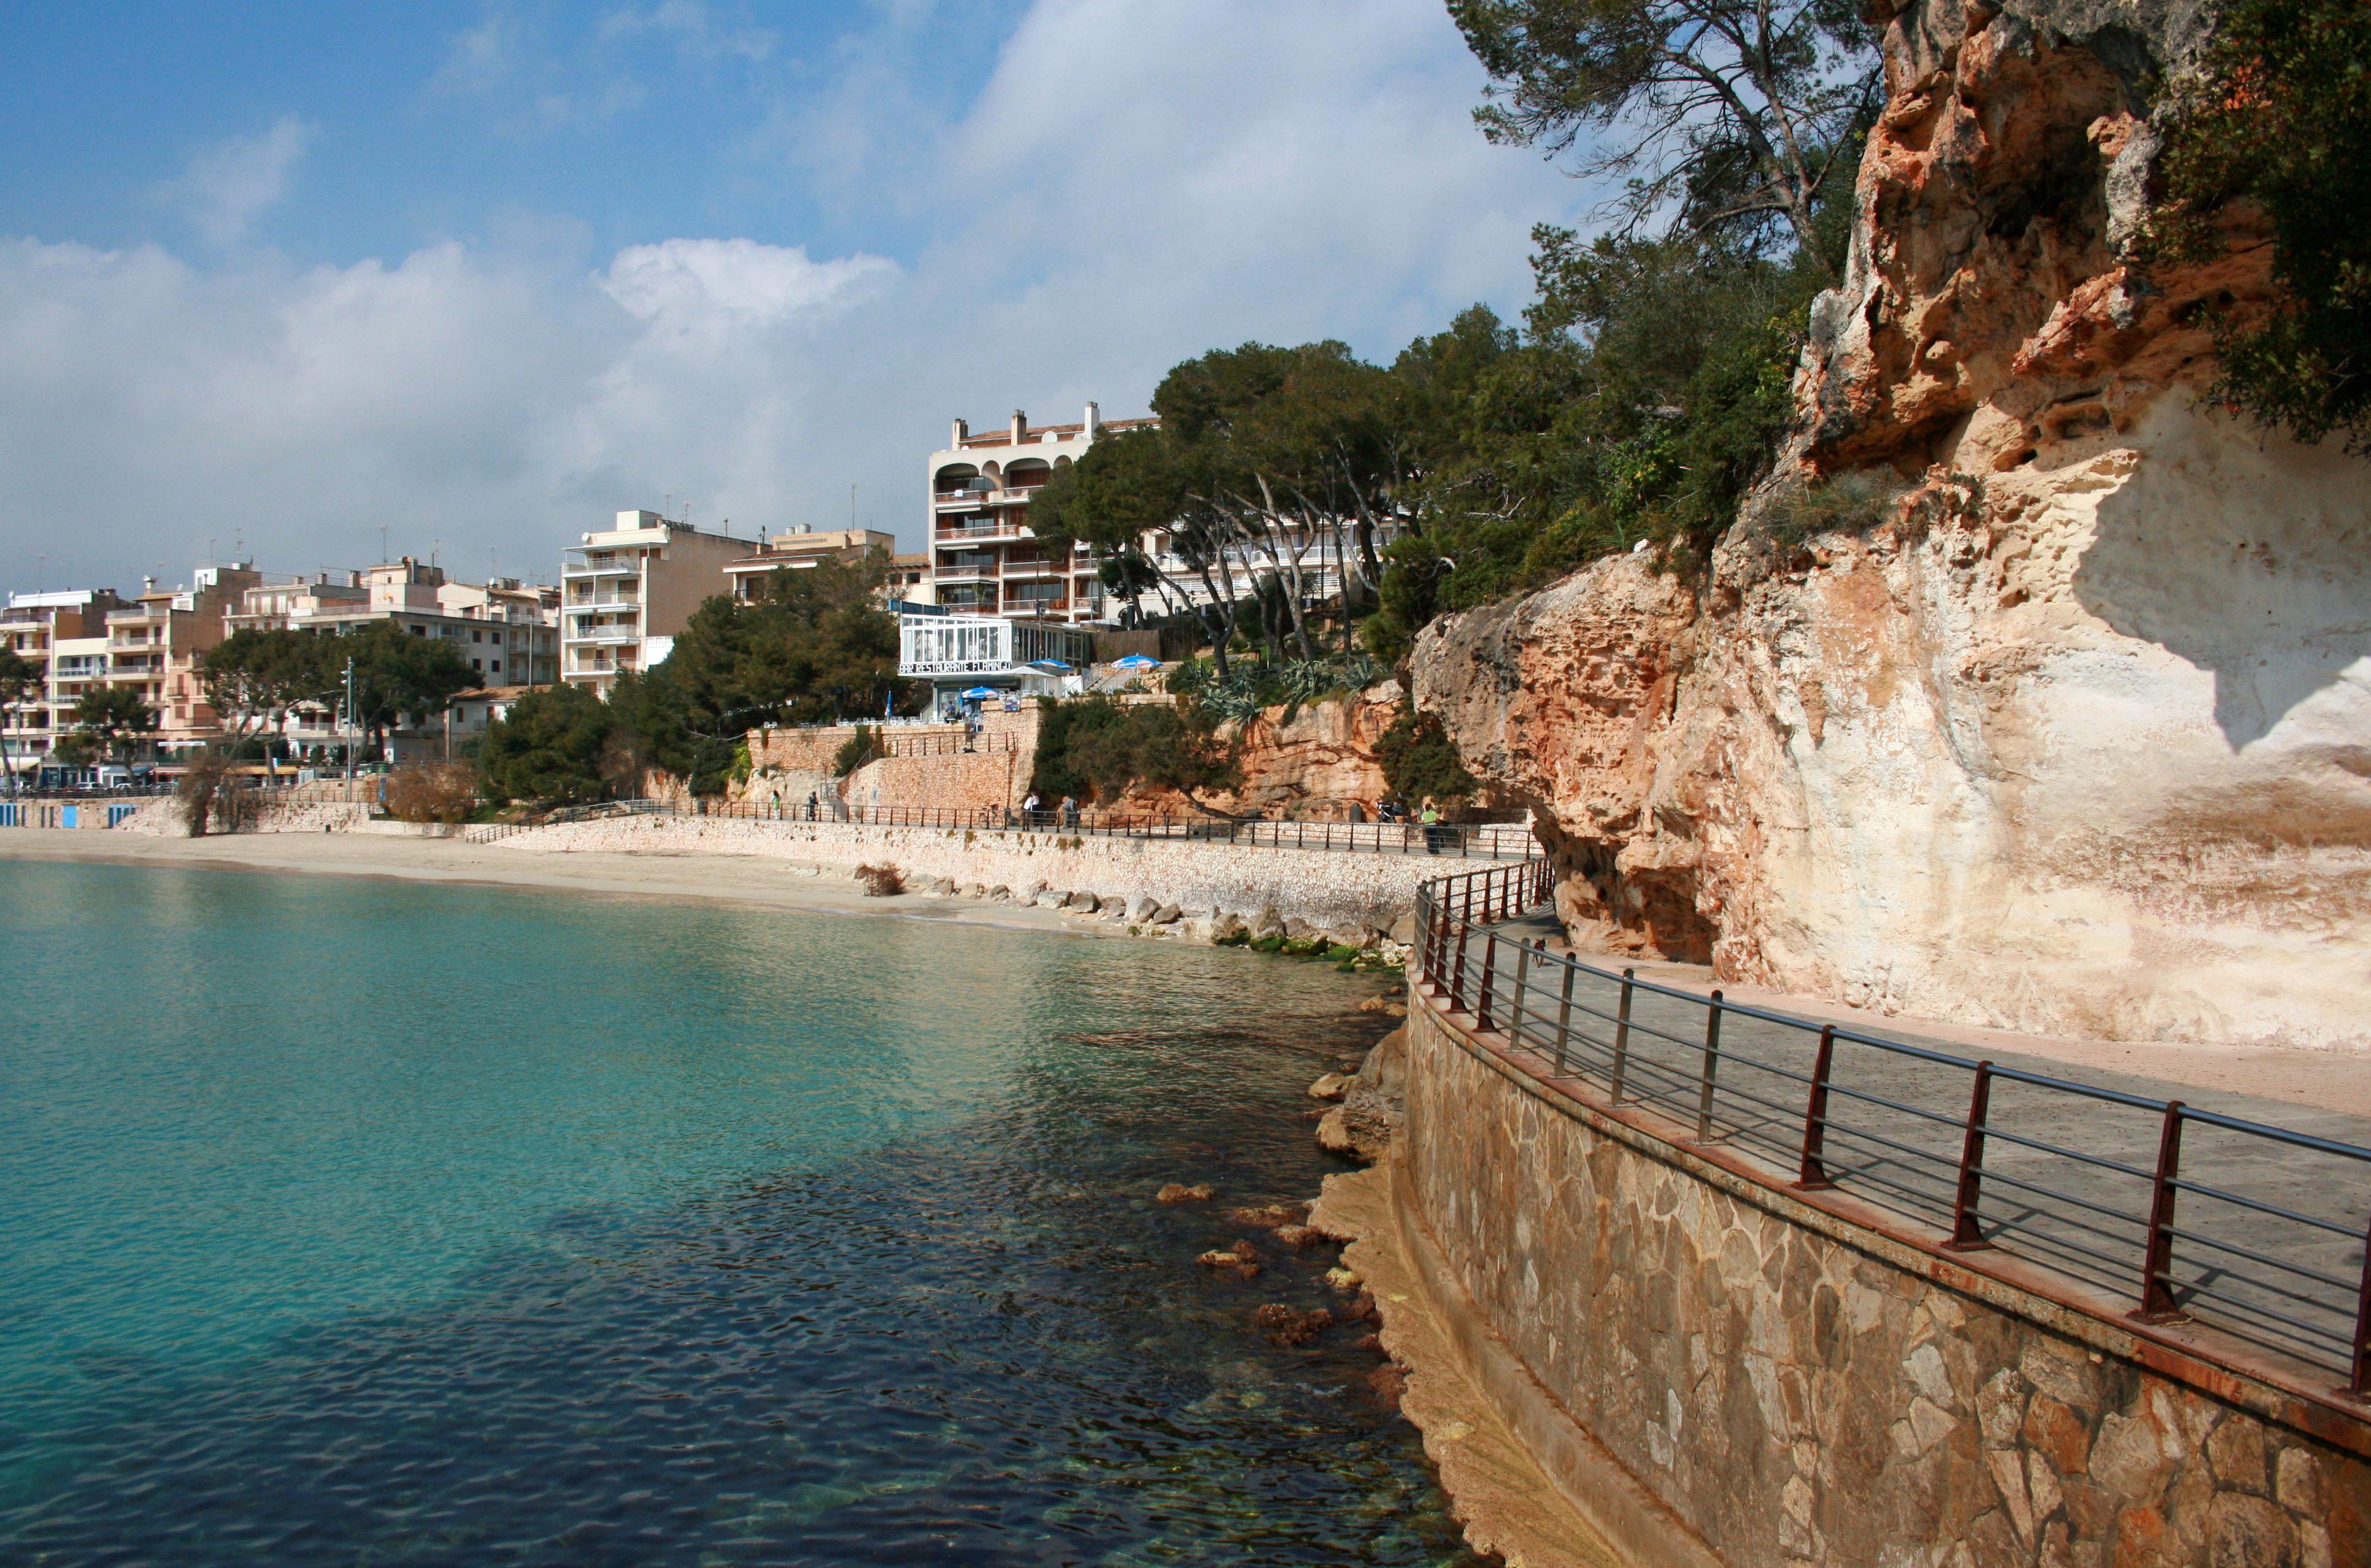 The Village Of Porto Cristo In Majorca